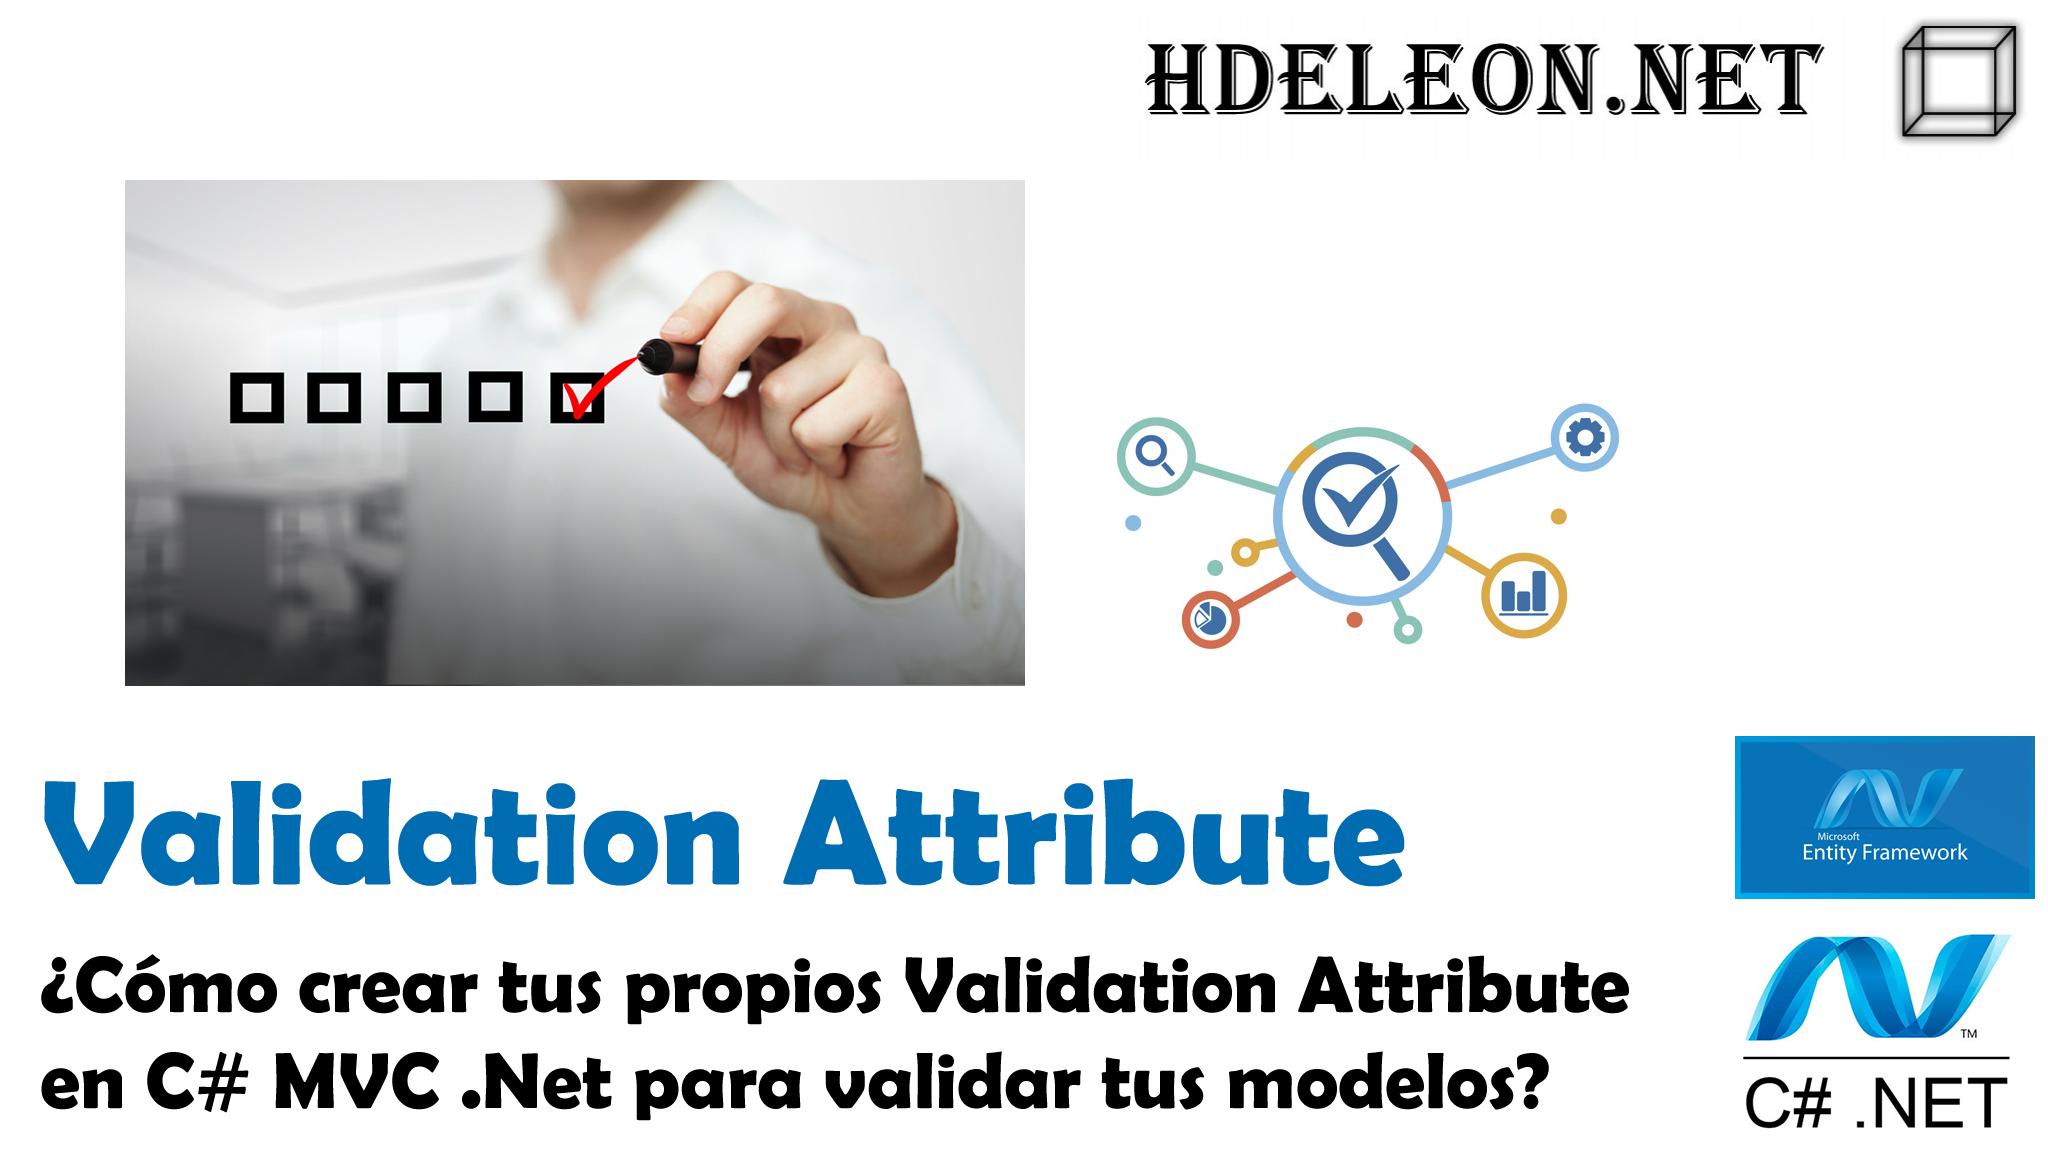 ¿Cómo crear tus propios Validation Attribute en C# MVC .Net para validar tus modelos?